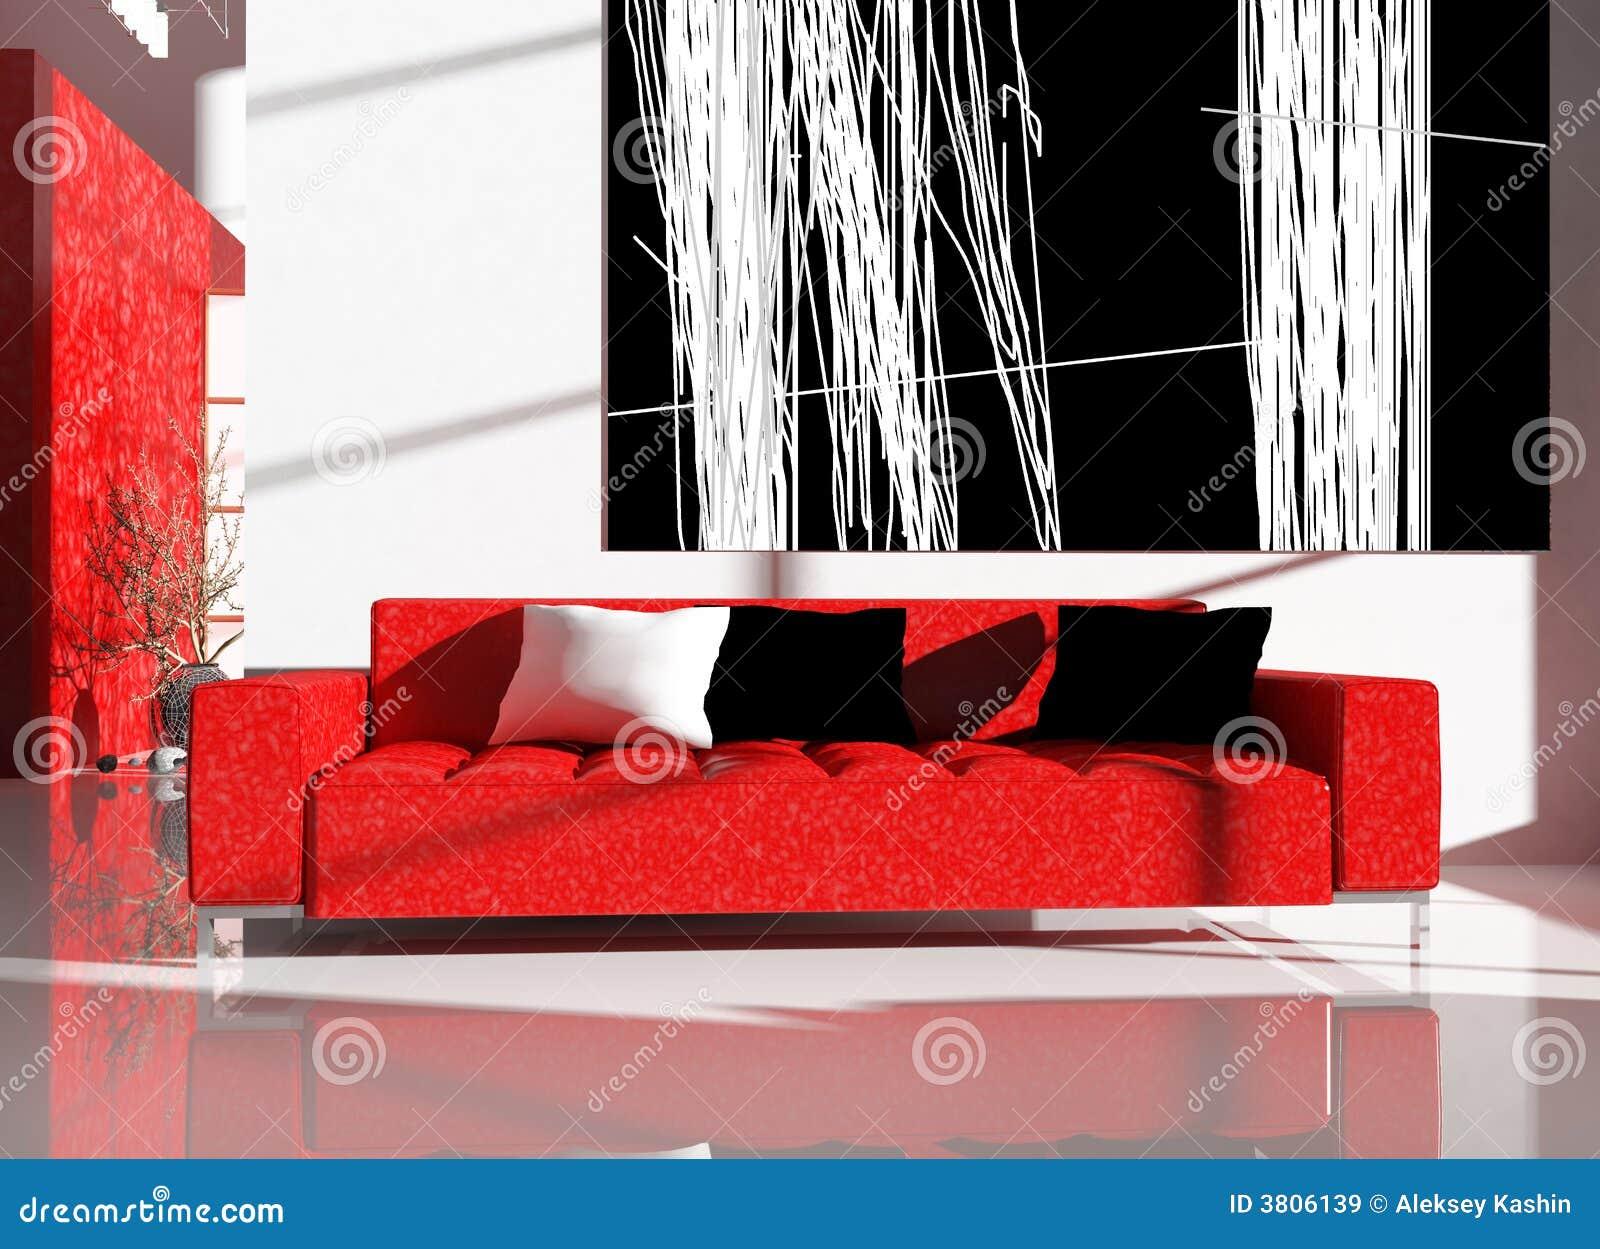 Mobilia rossa in un interiore